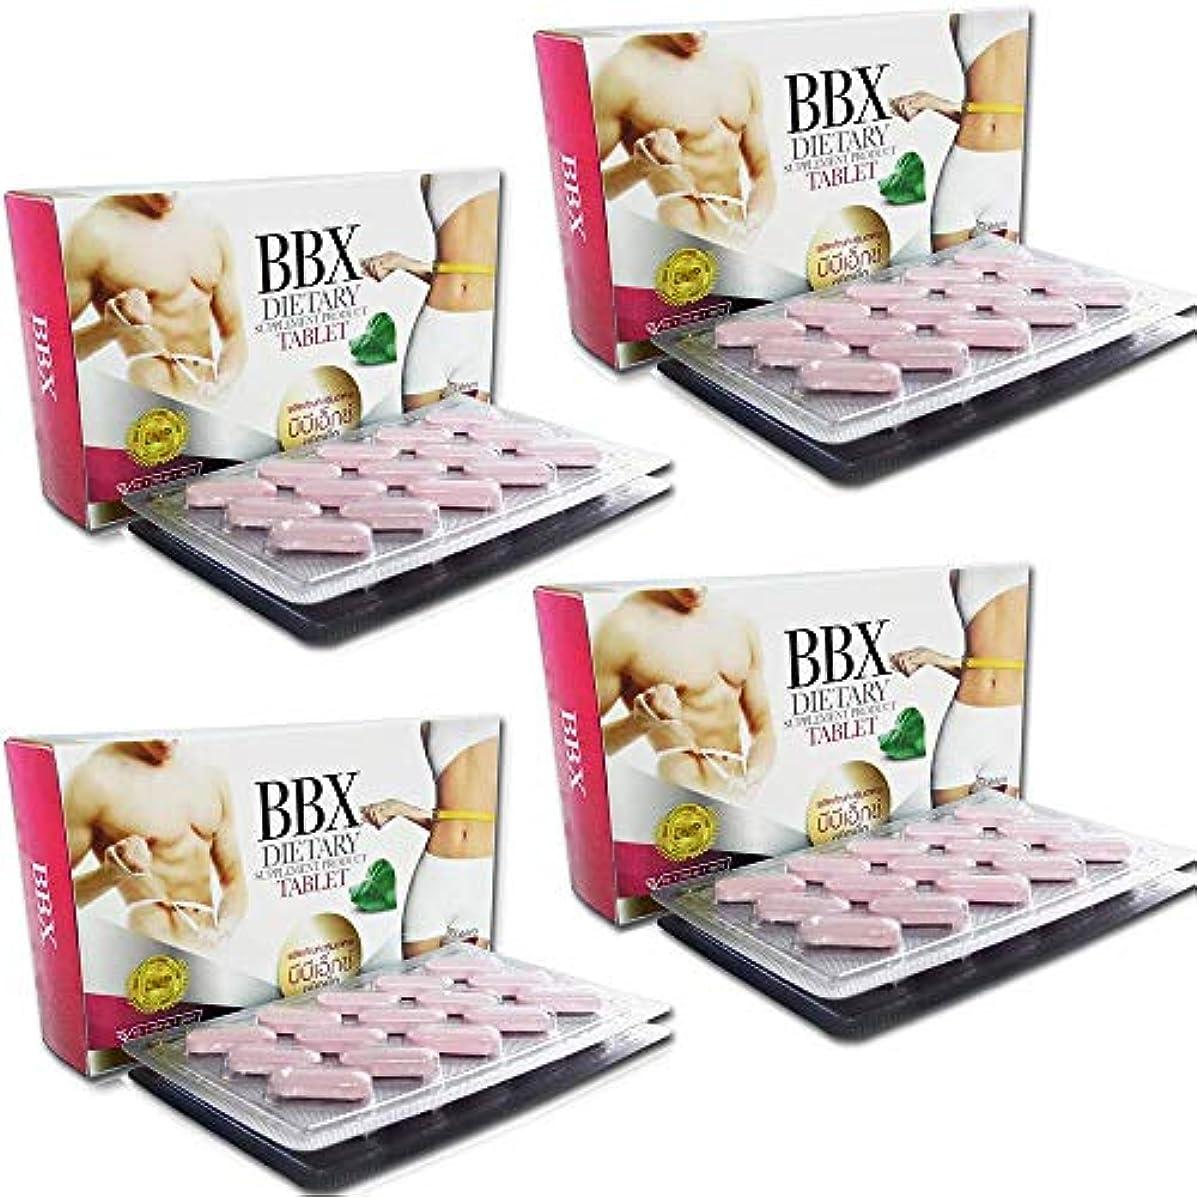 メリー醜い松明クリニックや医師が推奨するダイエットサプリBBX 公式パンフレット&説明書付き 4箱合計120錠